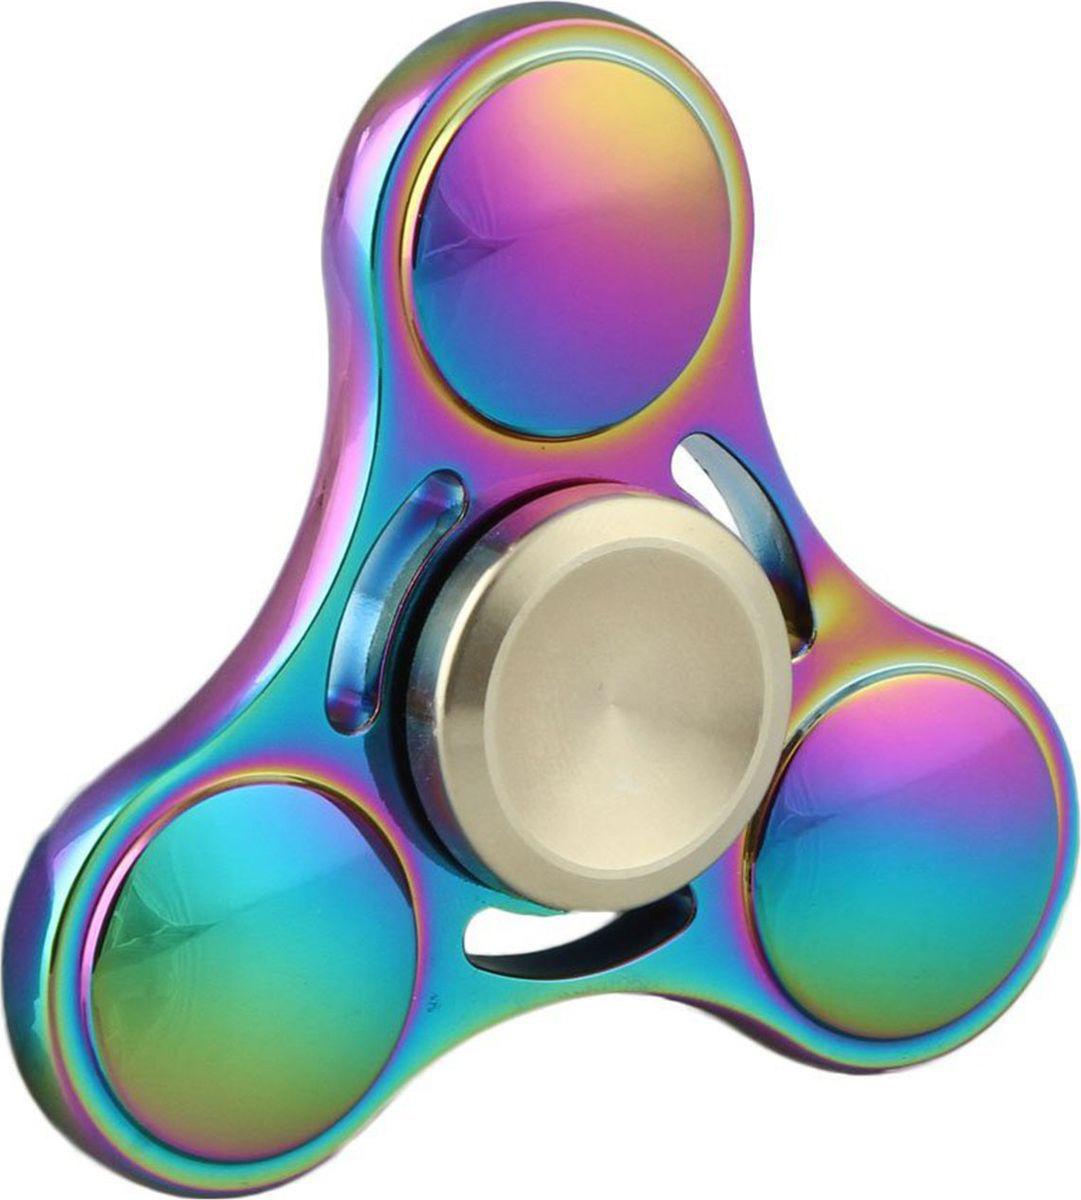 TipTop Спиннер-экзотика цвет радужный ВР-00000942 tiptop спиннер экзотика клевер цвет радужный